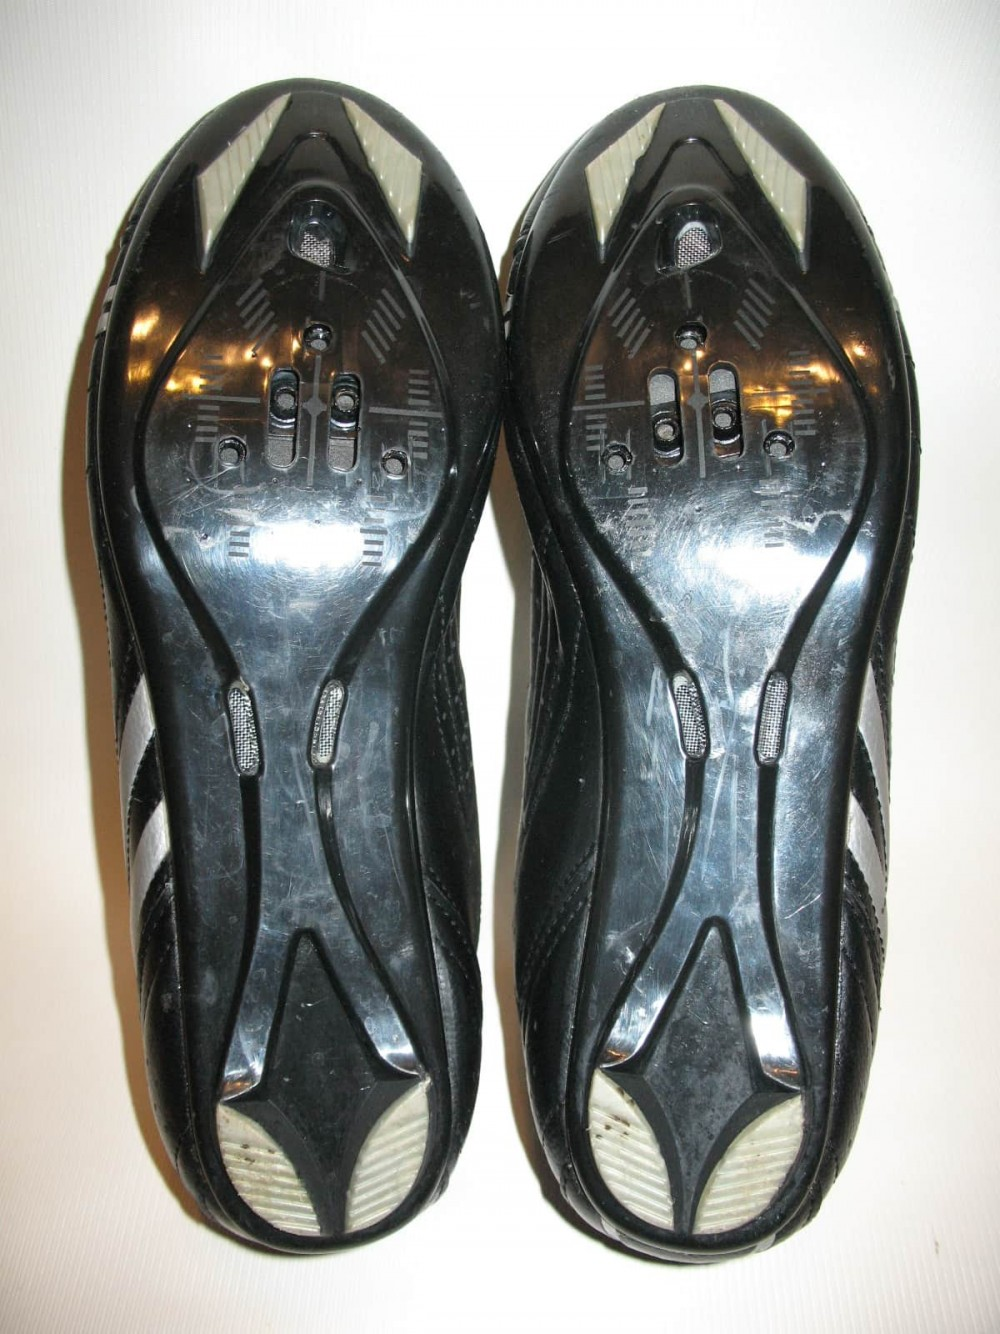 Велотуфли NALINI mako road cycling shoes (размер US11.5/UK11/EU45(на стопу до 295 mm)) - 7